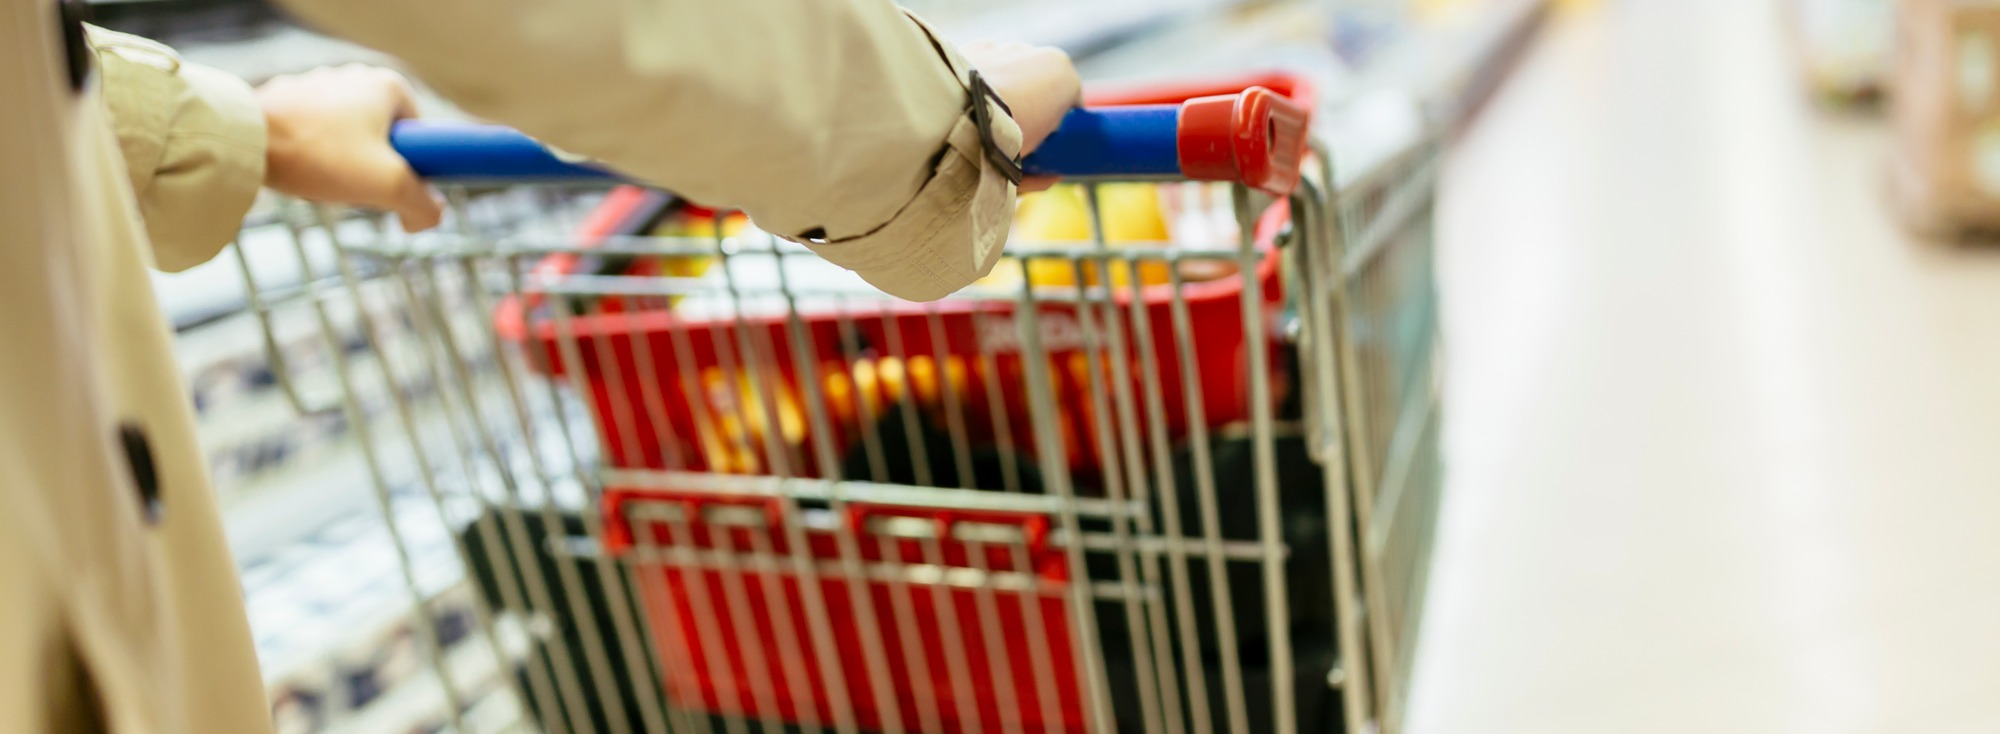 Ollaanpa nyt rehellisiä – Sinulla taitaa olla tapana ainakin toisinaan tuijotella kassajonossa edeltävän asiakkaan ostoksia?